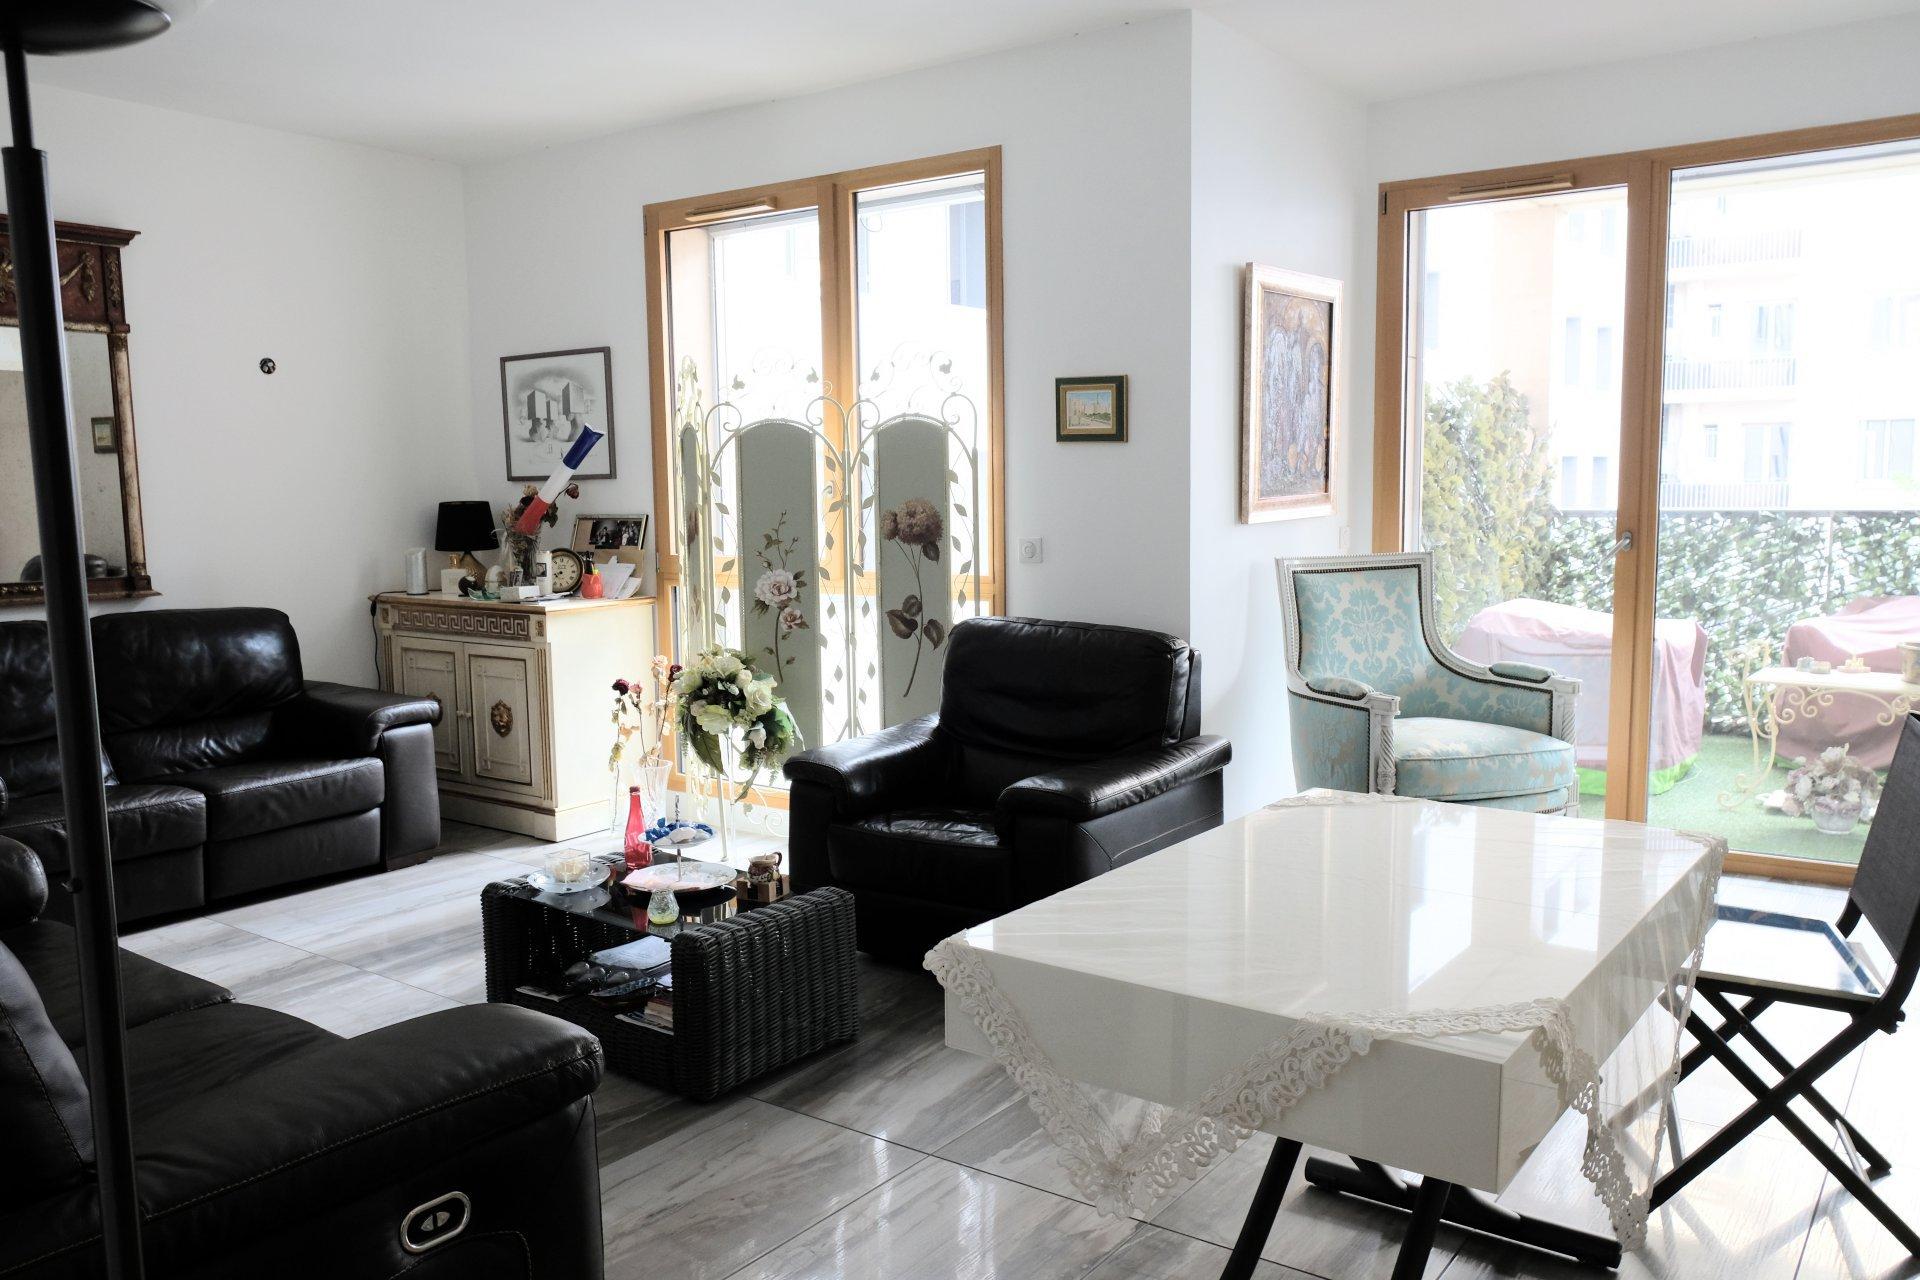 Achat Appartement Surface de 89.26 m²/ Total carrez : 77 m², 4 pièces, Lyon 6ème (69006)